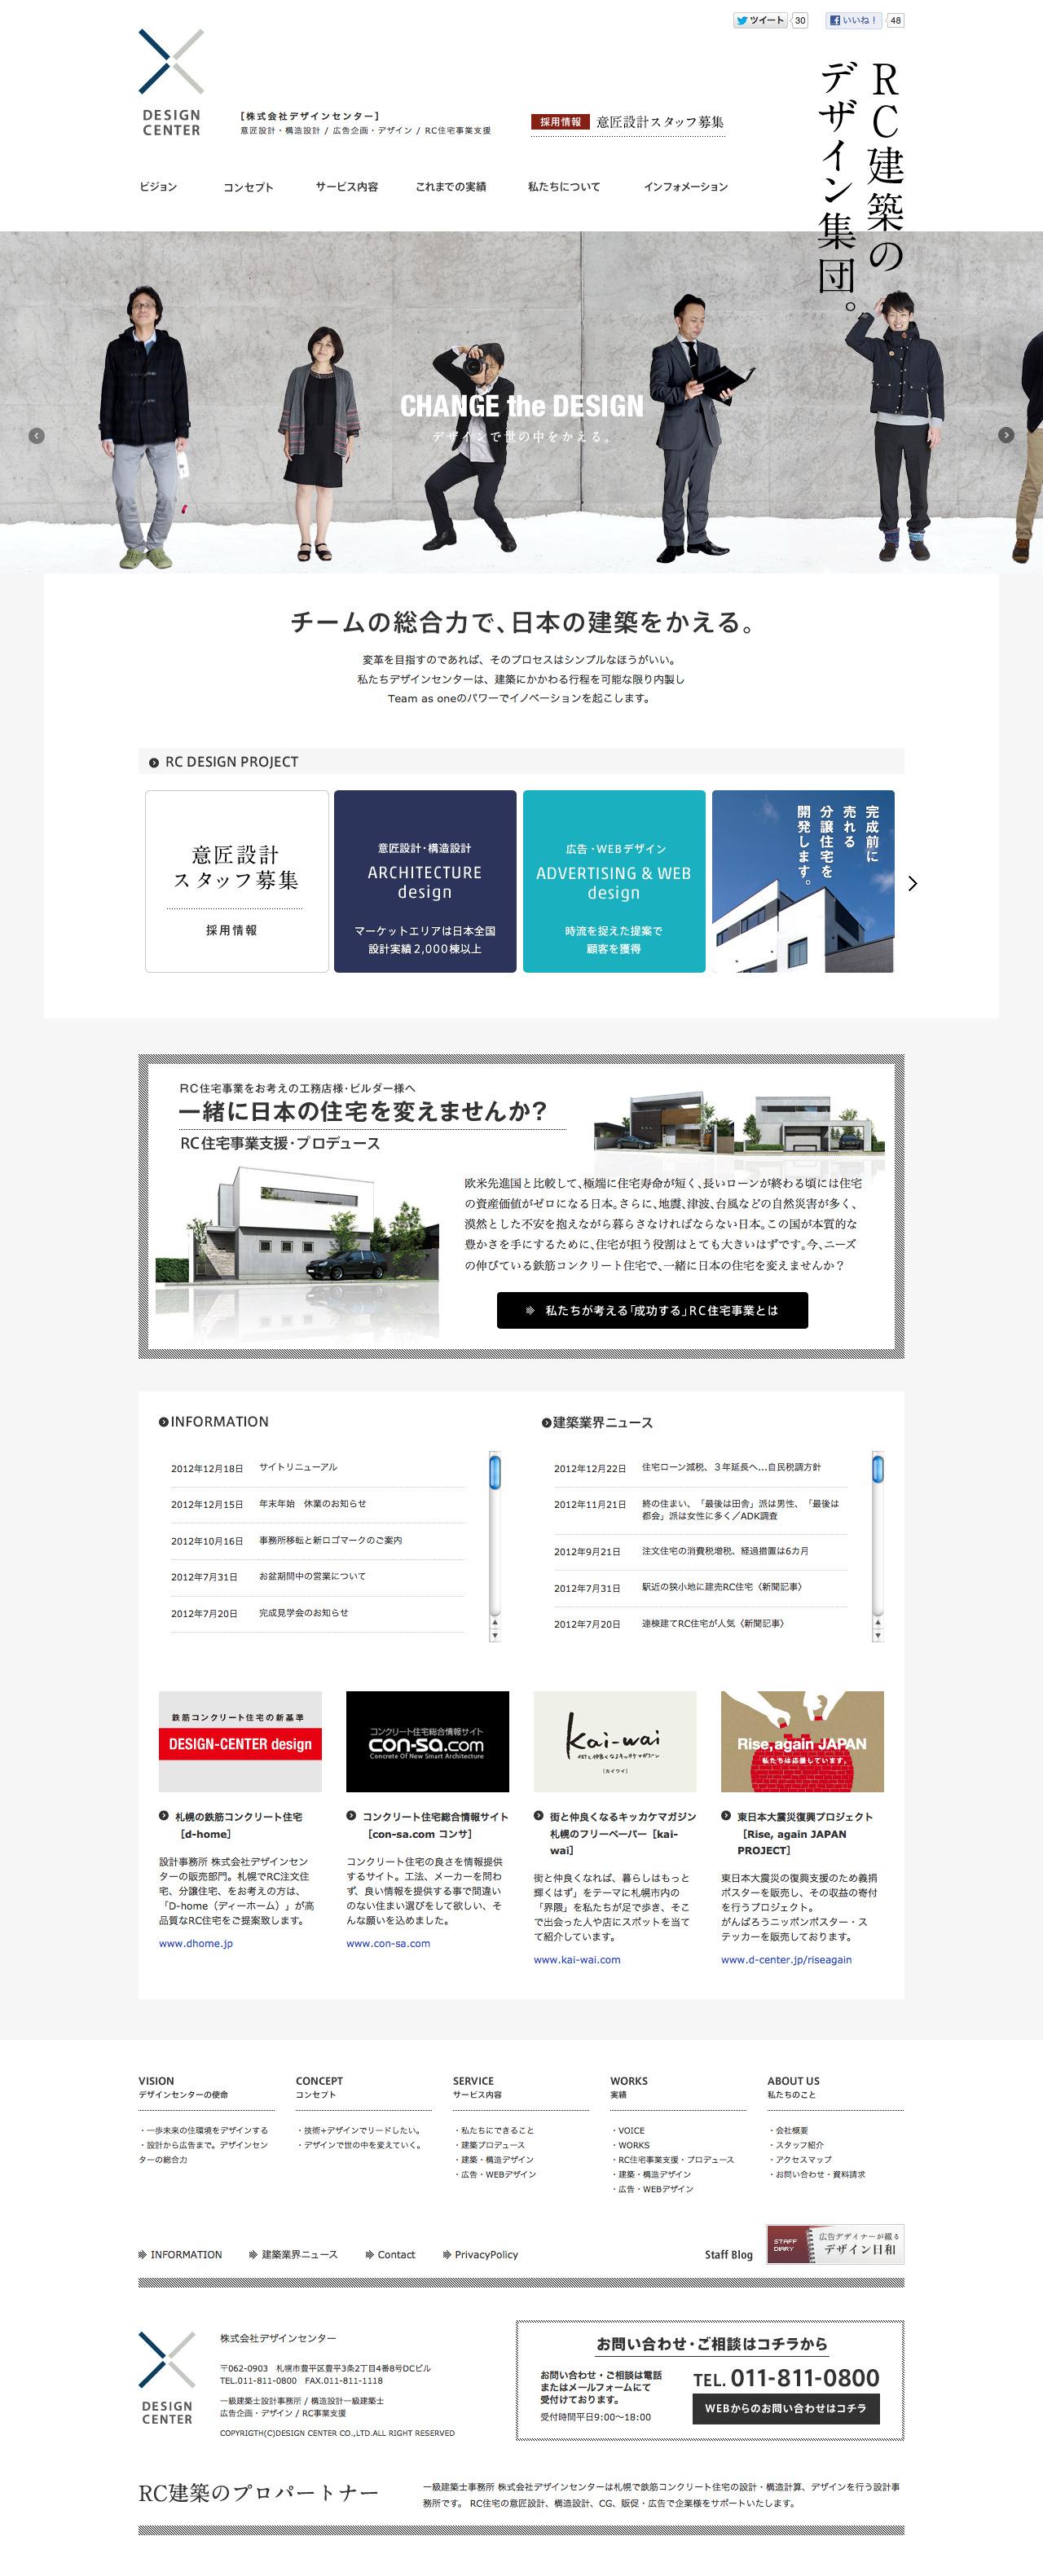 札幌の設計・構造・広告デザイン事務所|デザインセンター